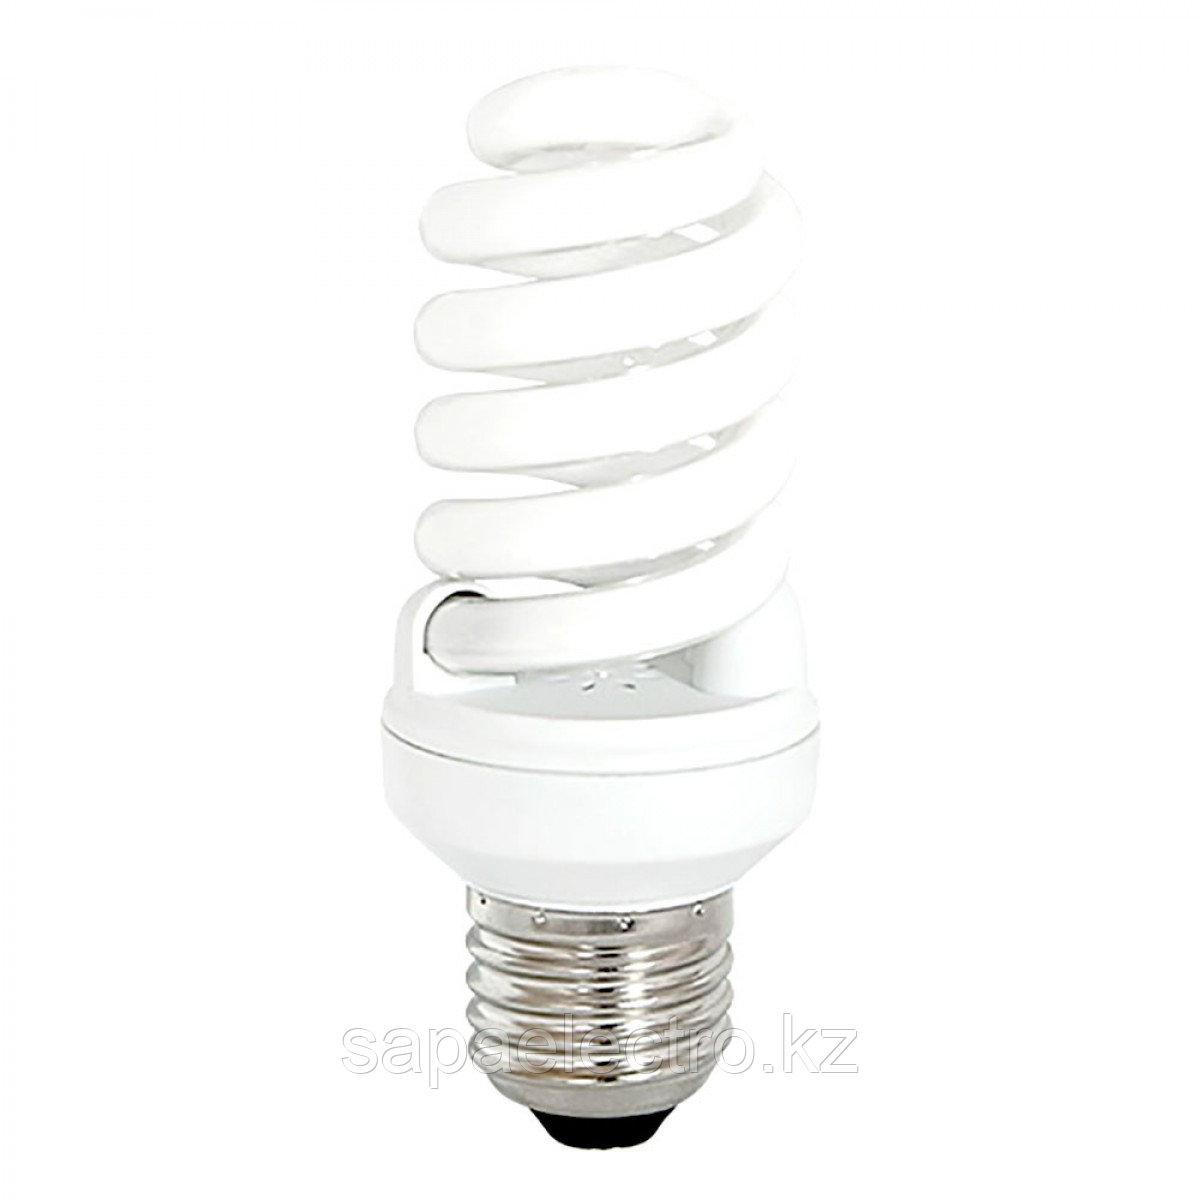 Лампа SPIRAL TINY  15W   E27   860   (TL) 50шт